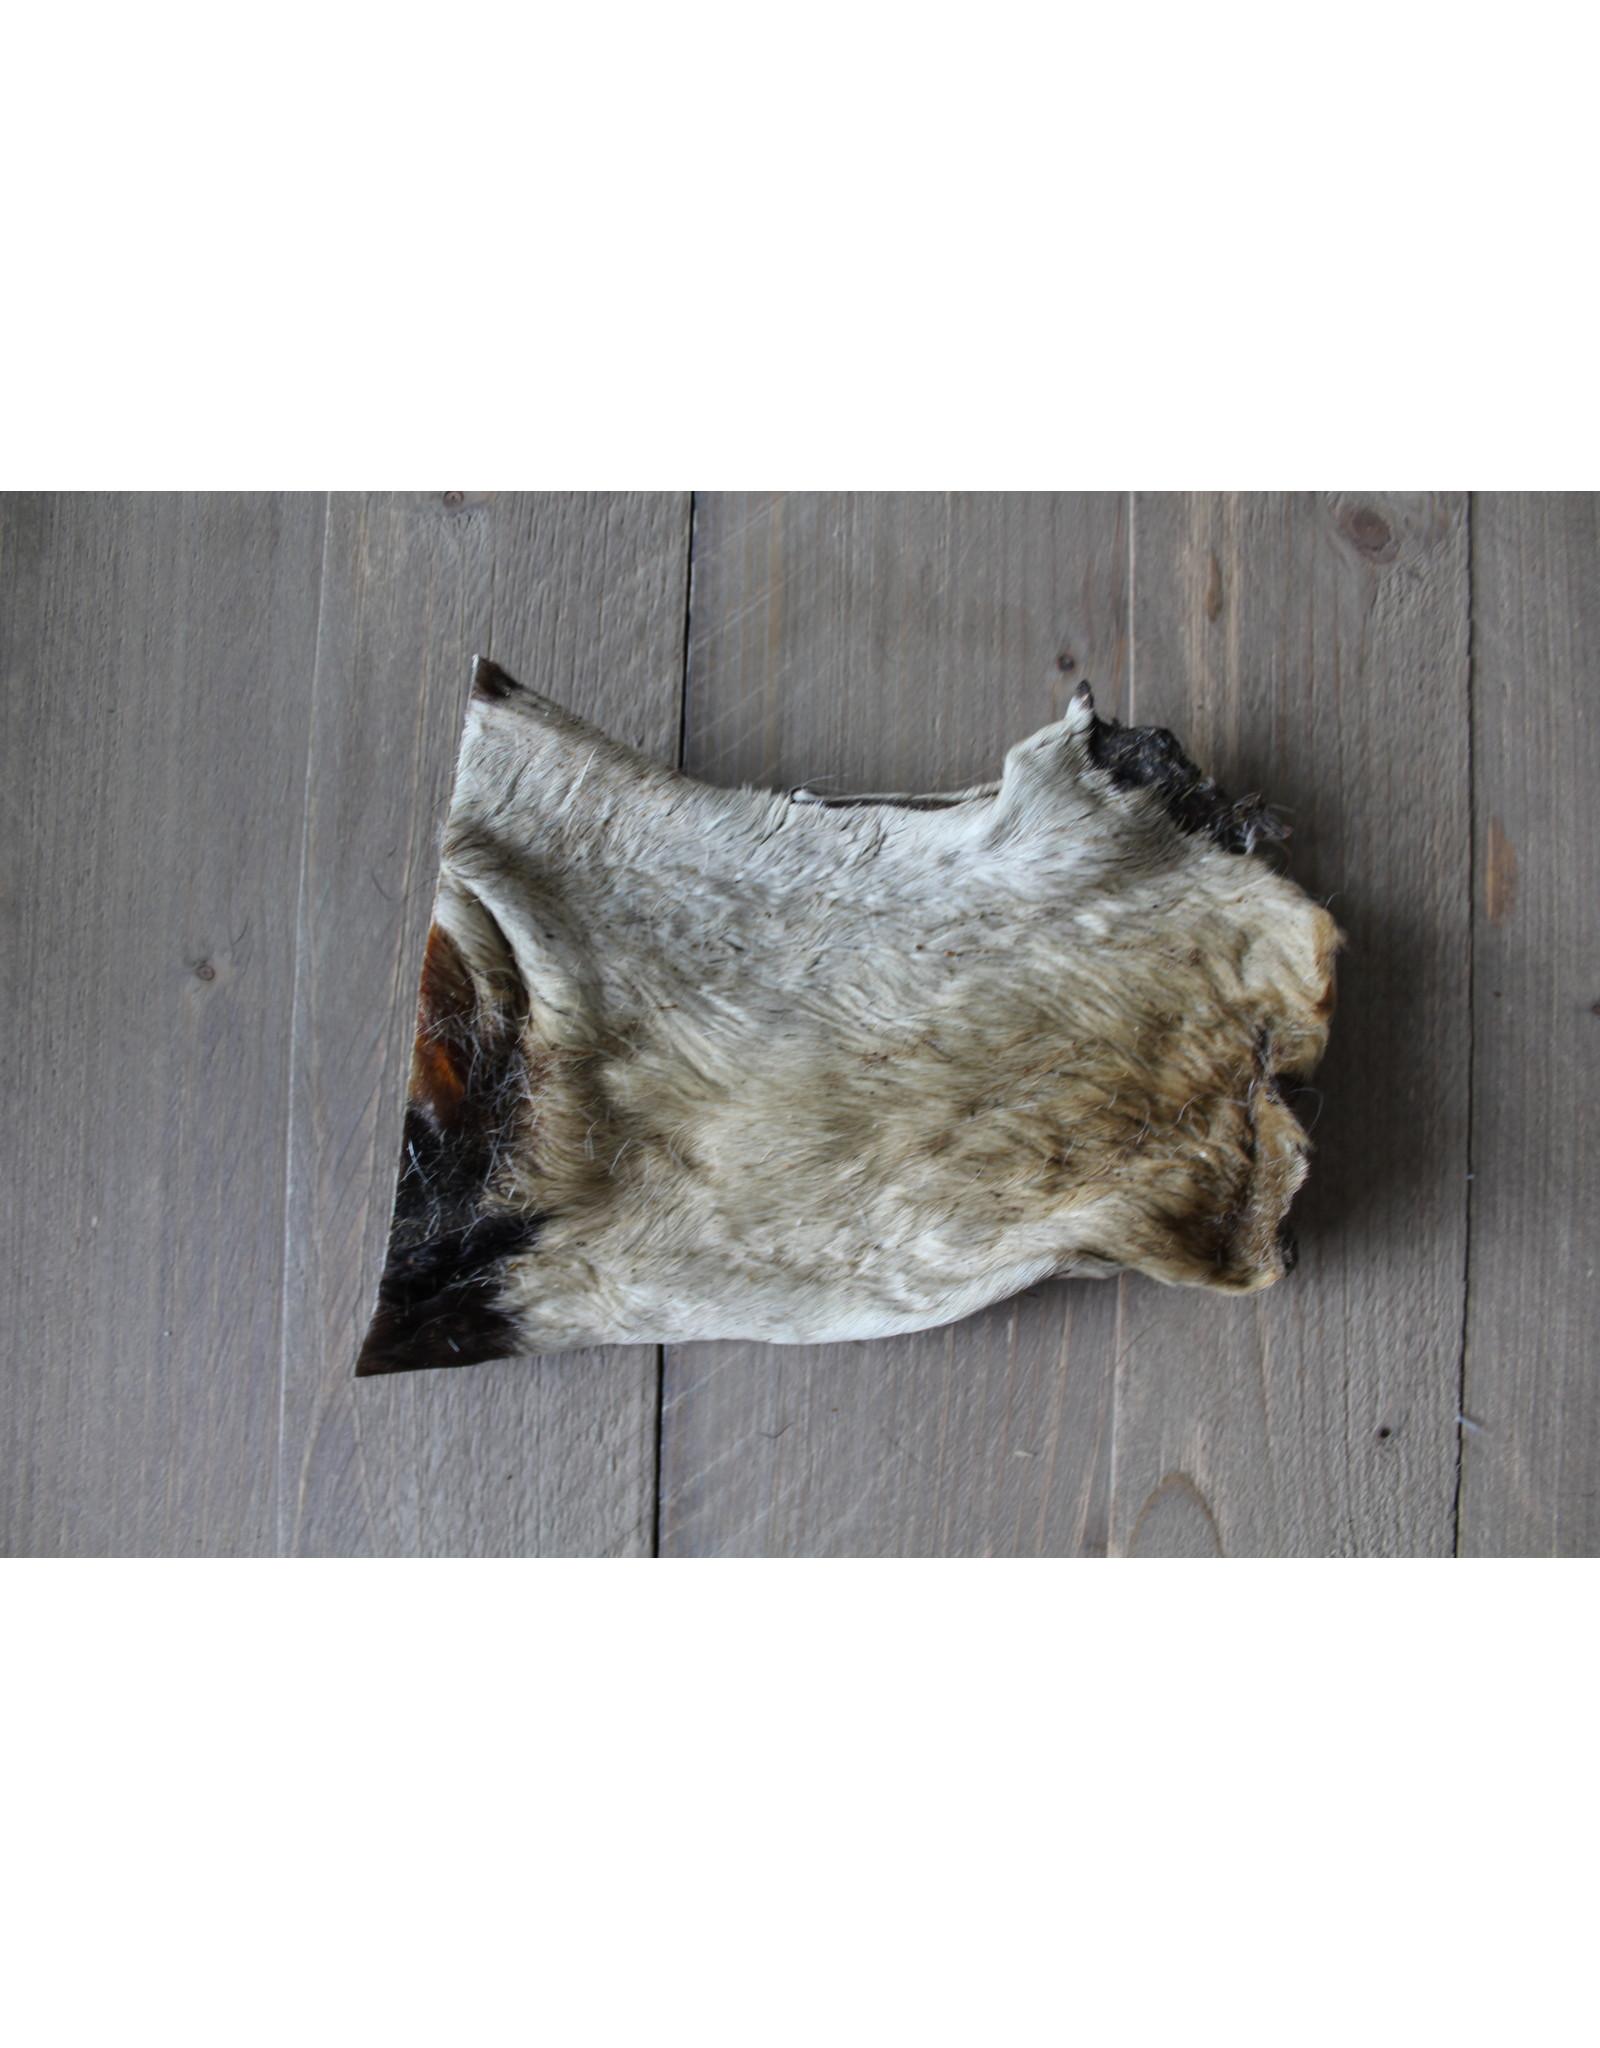 Runderkophuid Plaat Met Vacht, Een taaie en zeer harde snack voor uw hond.